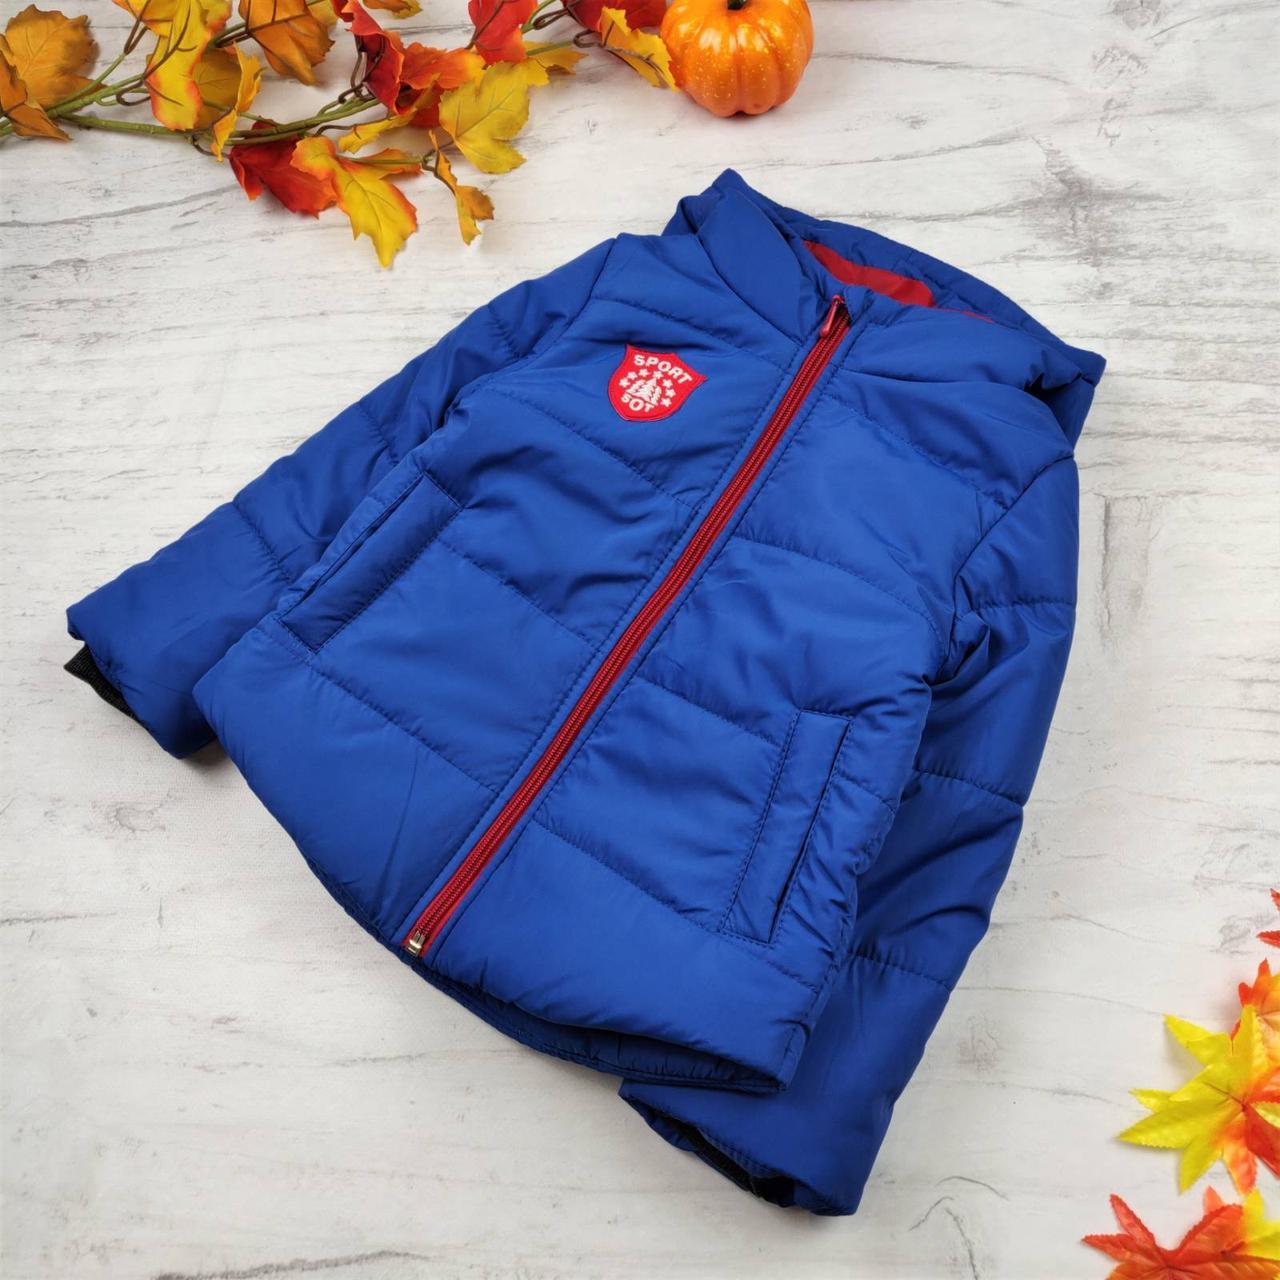 Куртка на мавльчика демисезонная с капюшоном весна/осень (86, 92, 98, 104, 110 см)